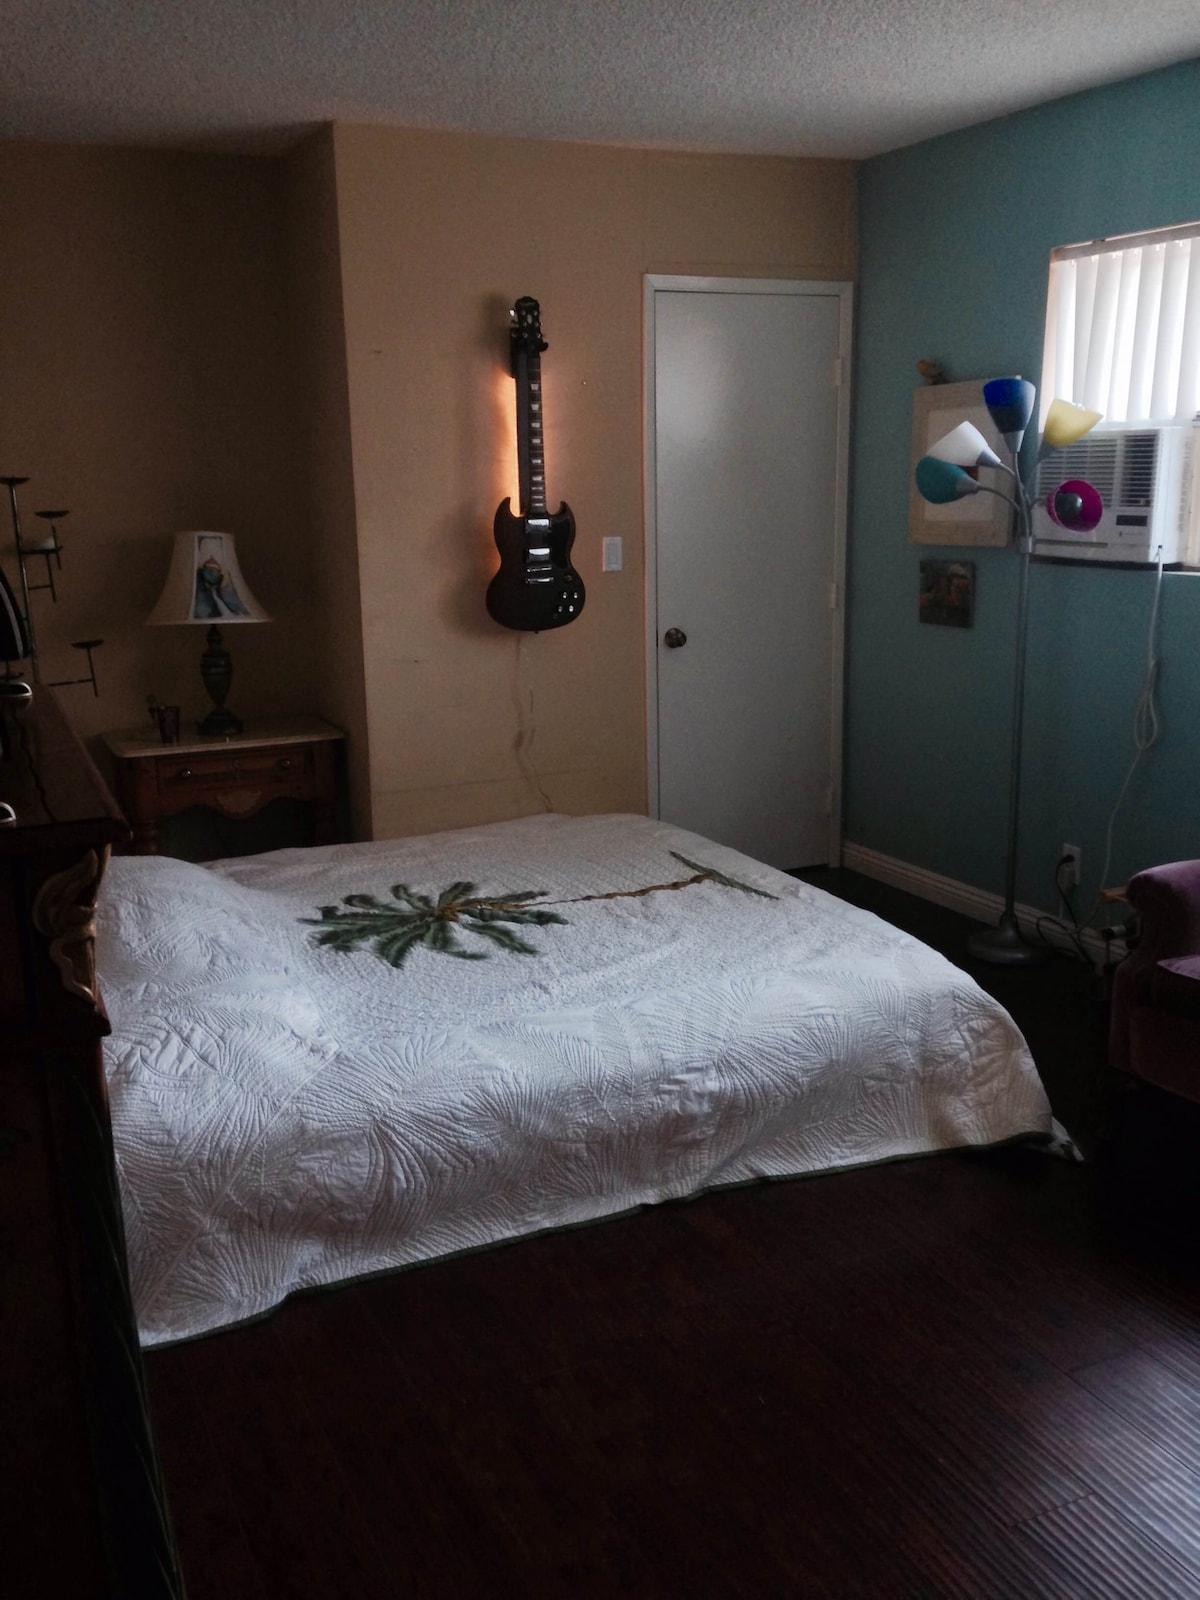 Studio-Privacy // Single-Room Price